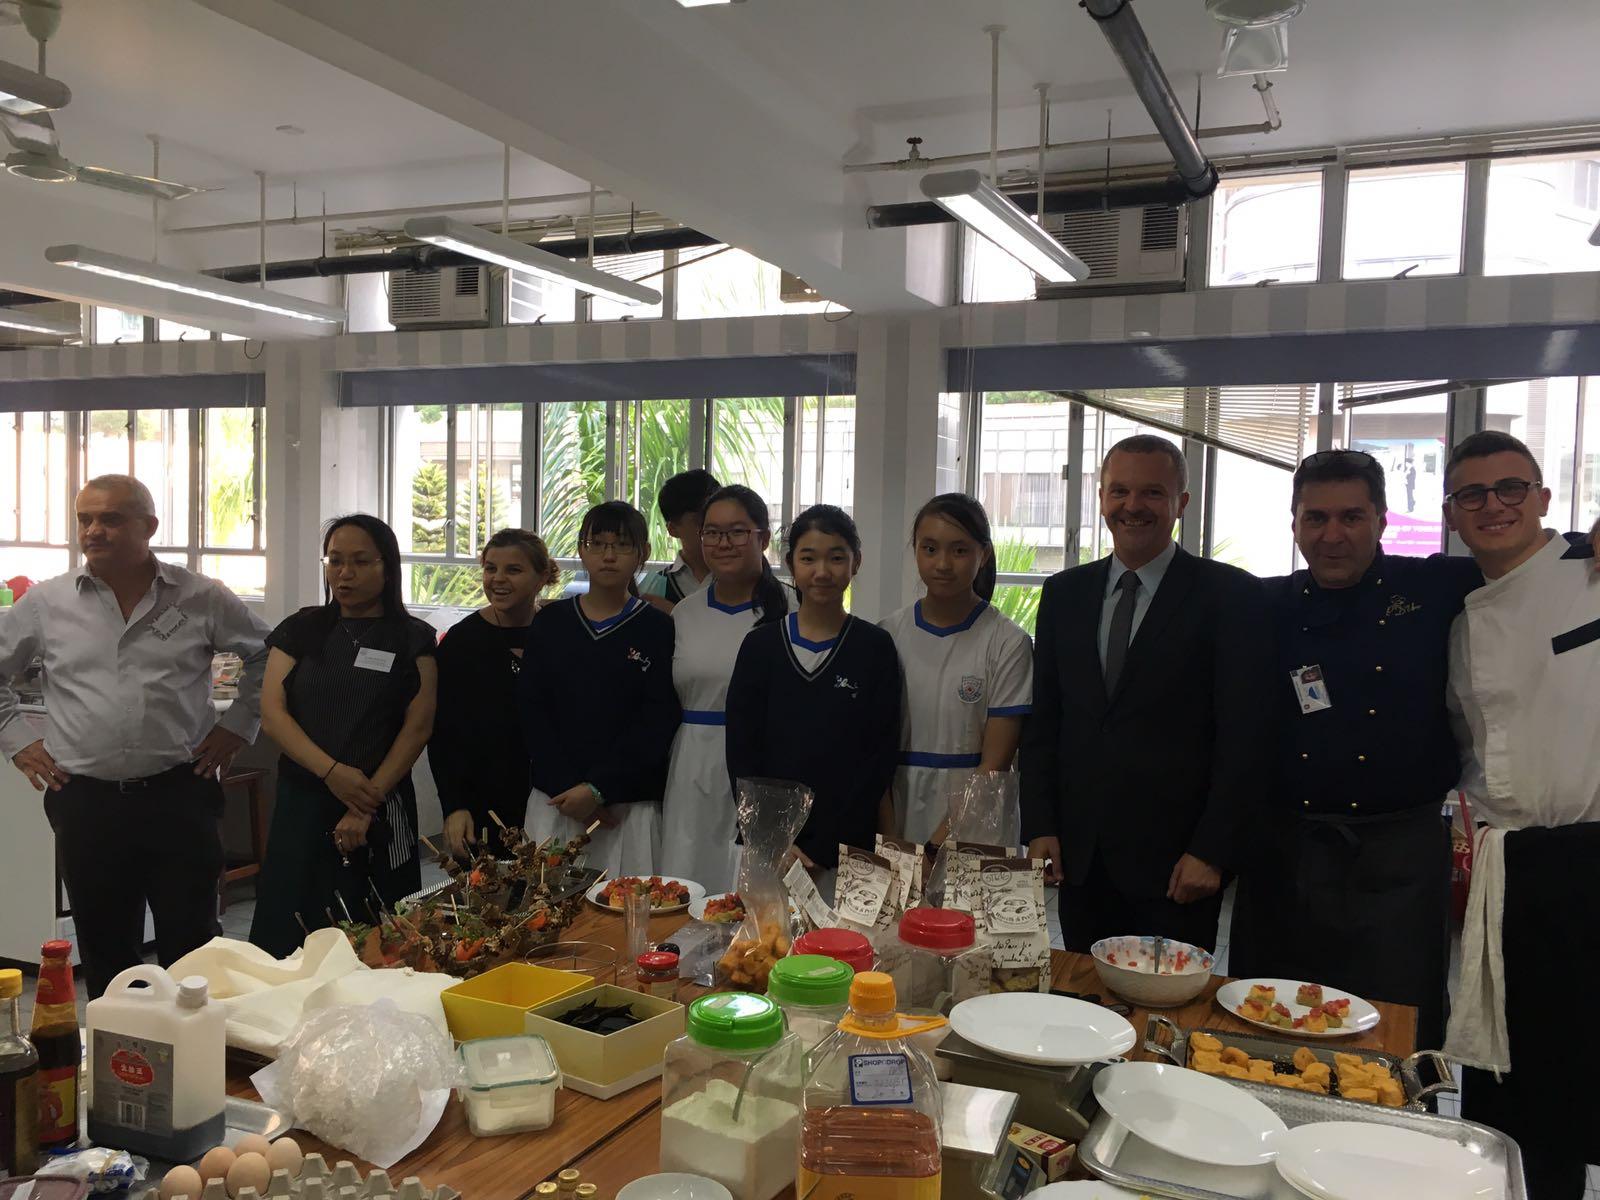 Continua la ricerca della puglia di opportunit in oriente - Scuola di cucina a bari ...